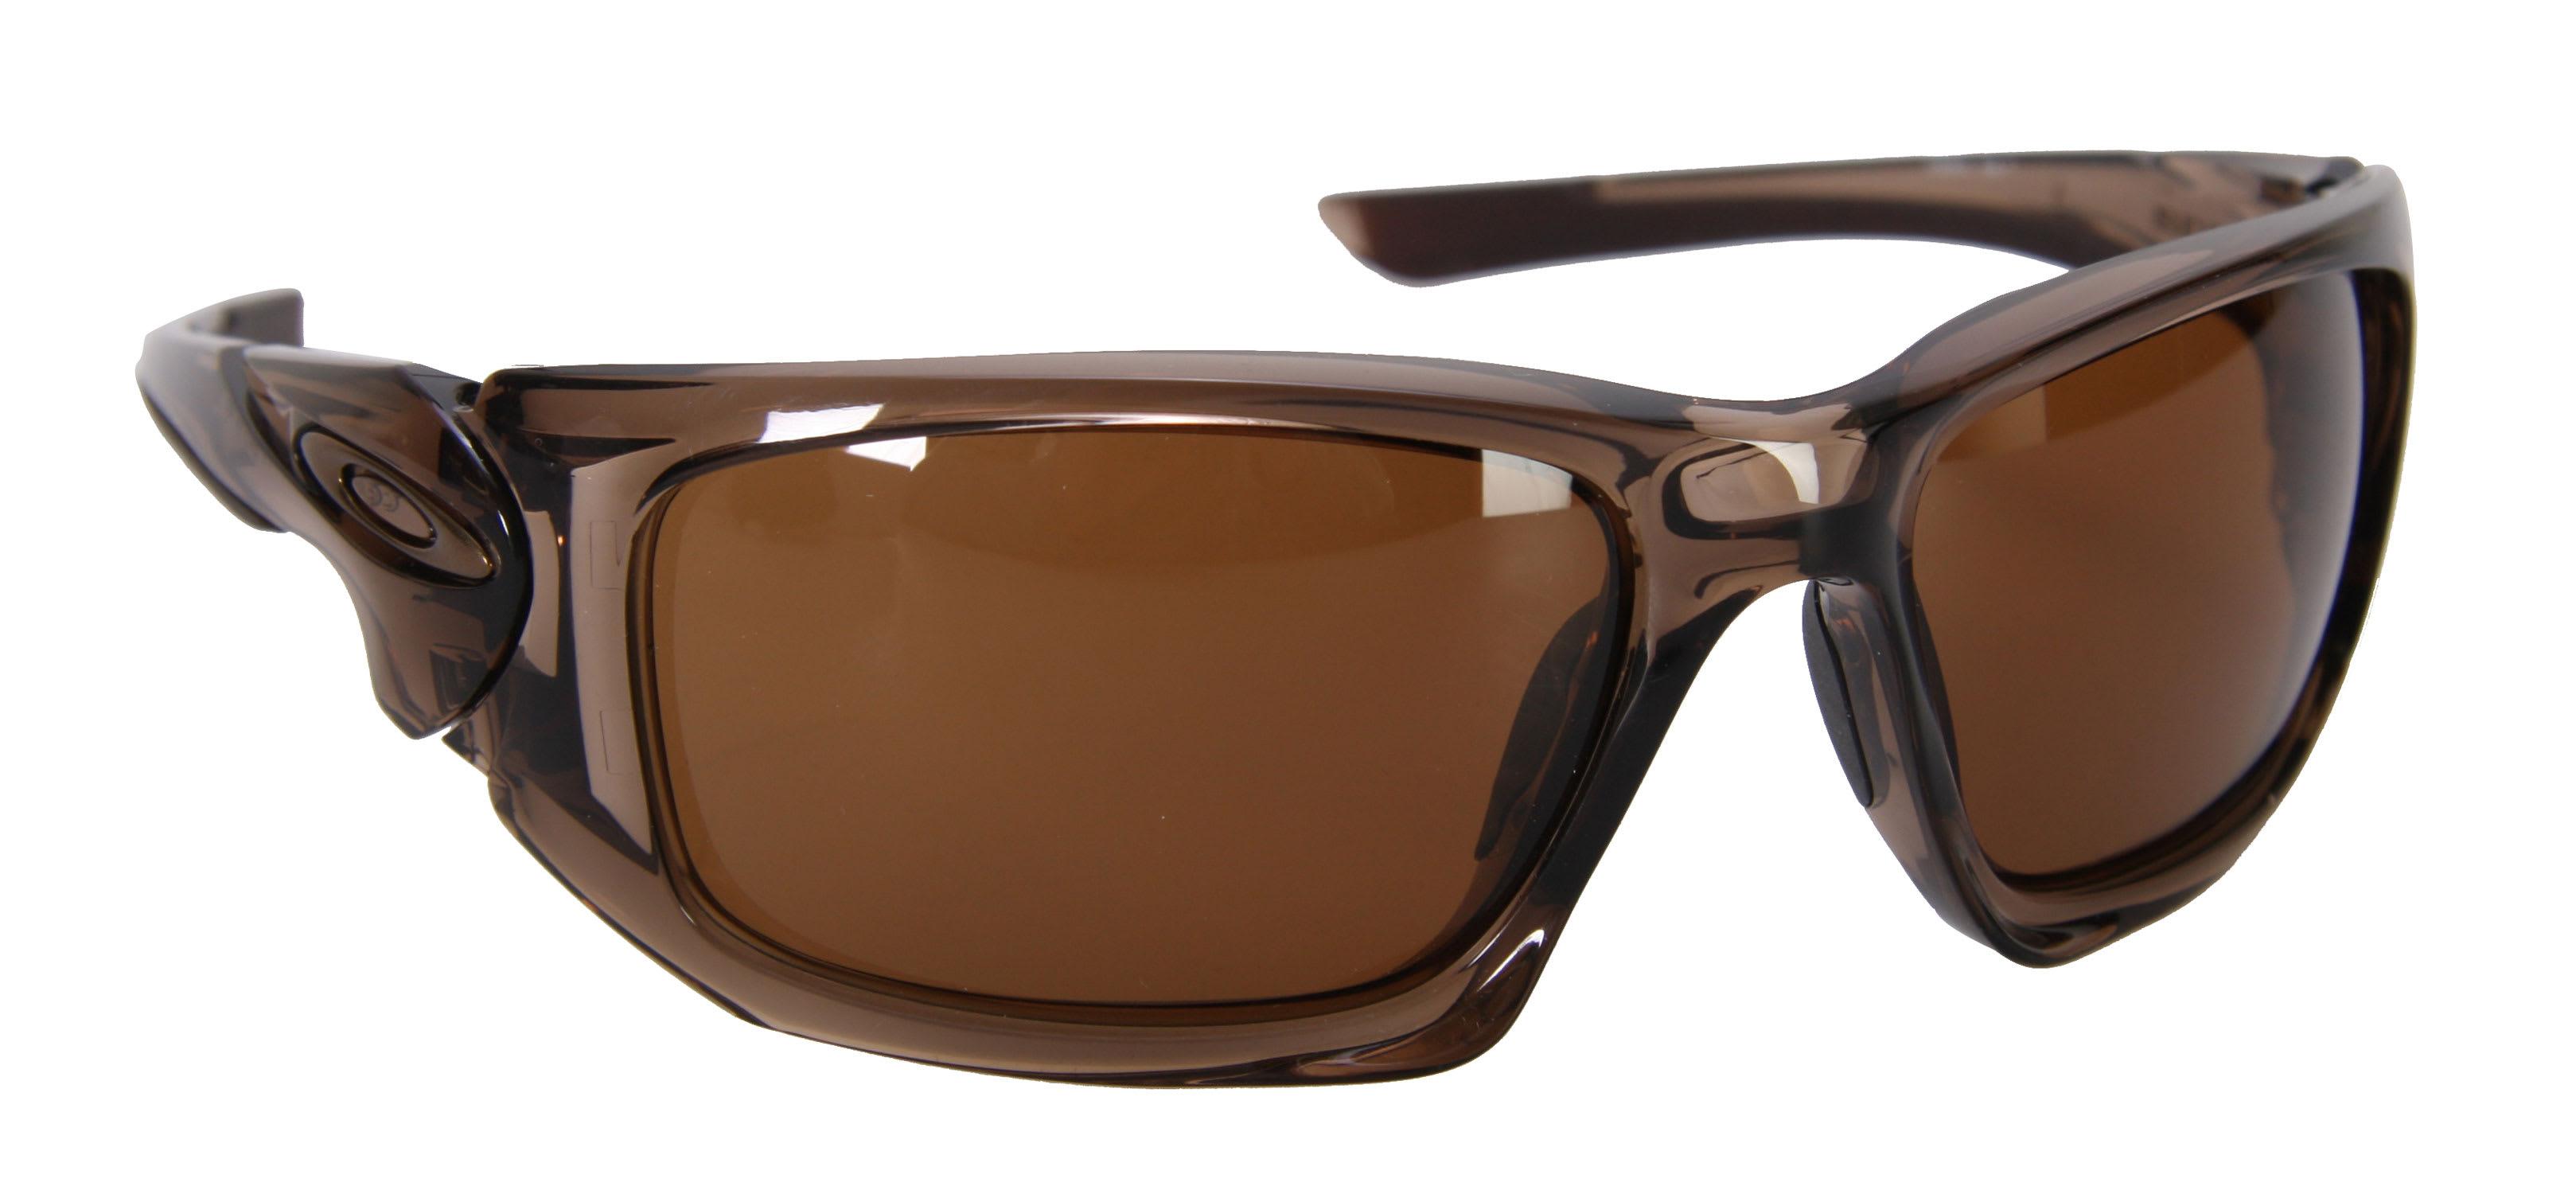 Oakley Scalpel Sunglasses  on oakley scalpel sunglasses